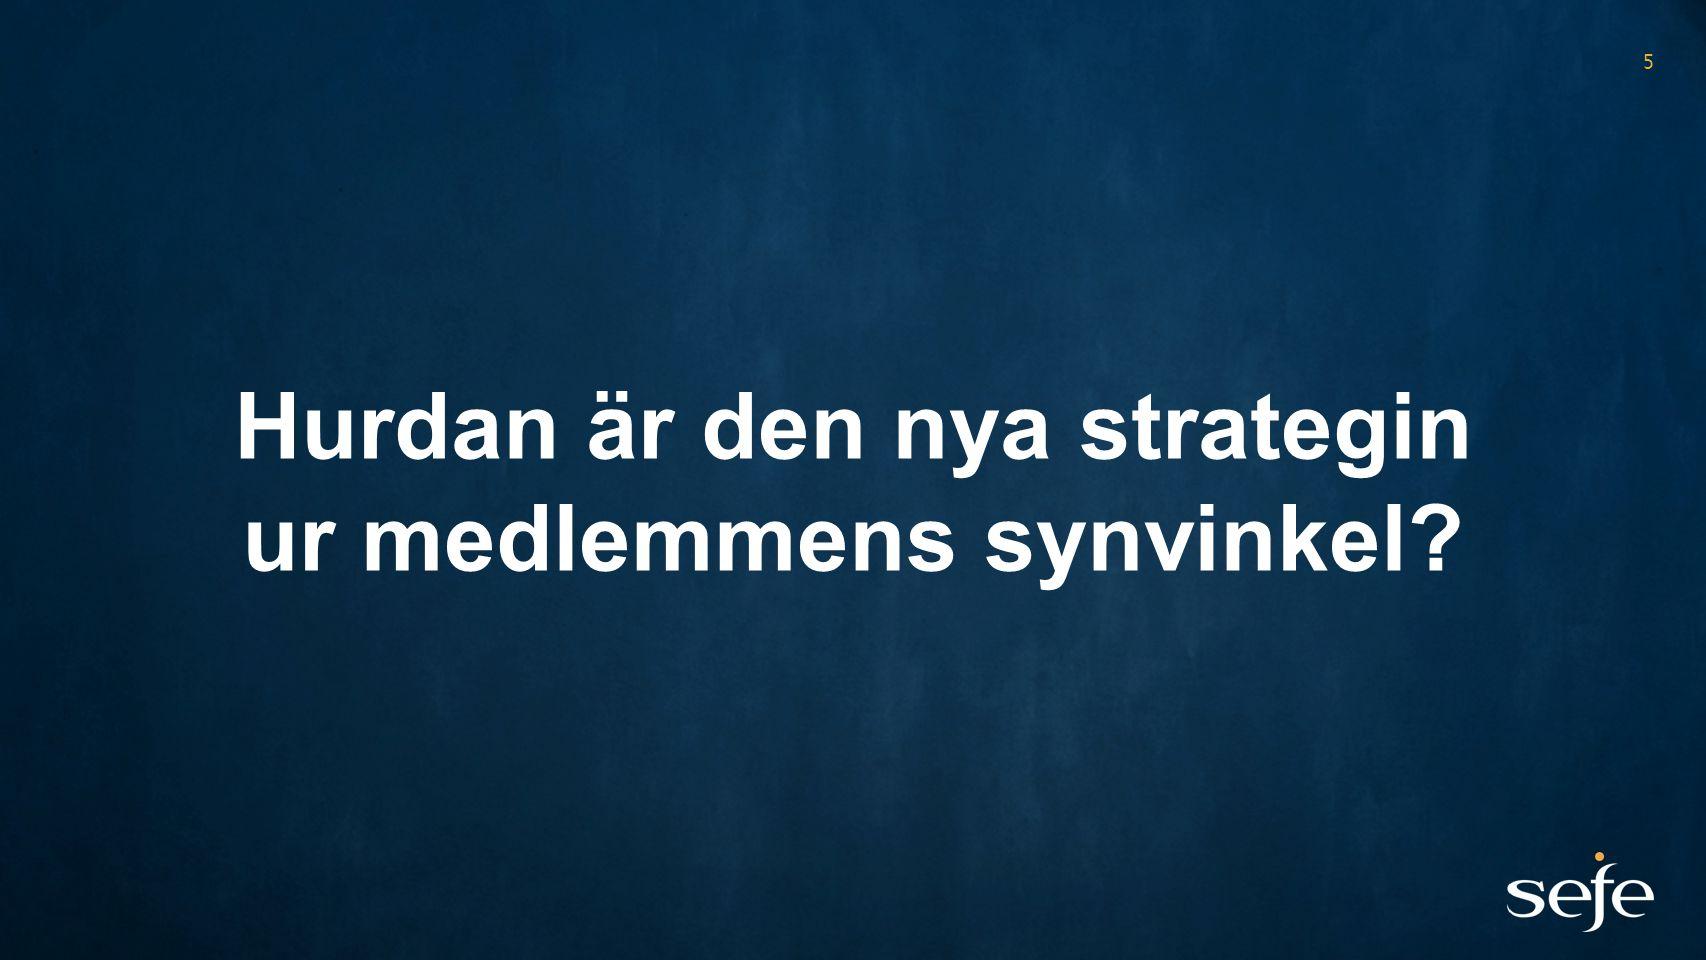 5 Hurdan är den nya strategin ur medlemmens synvinkel?